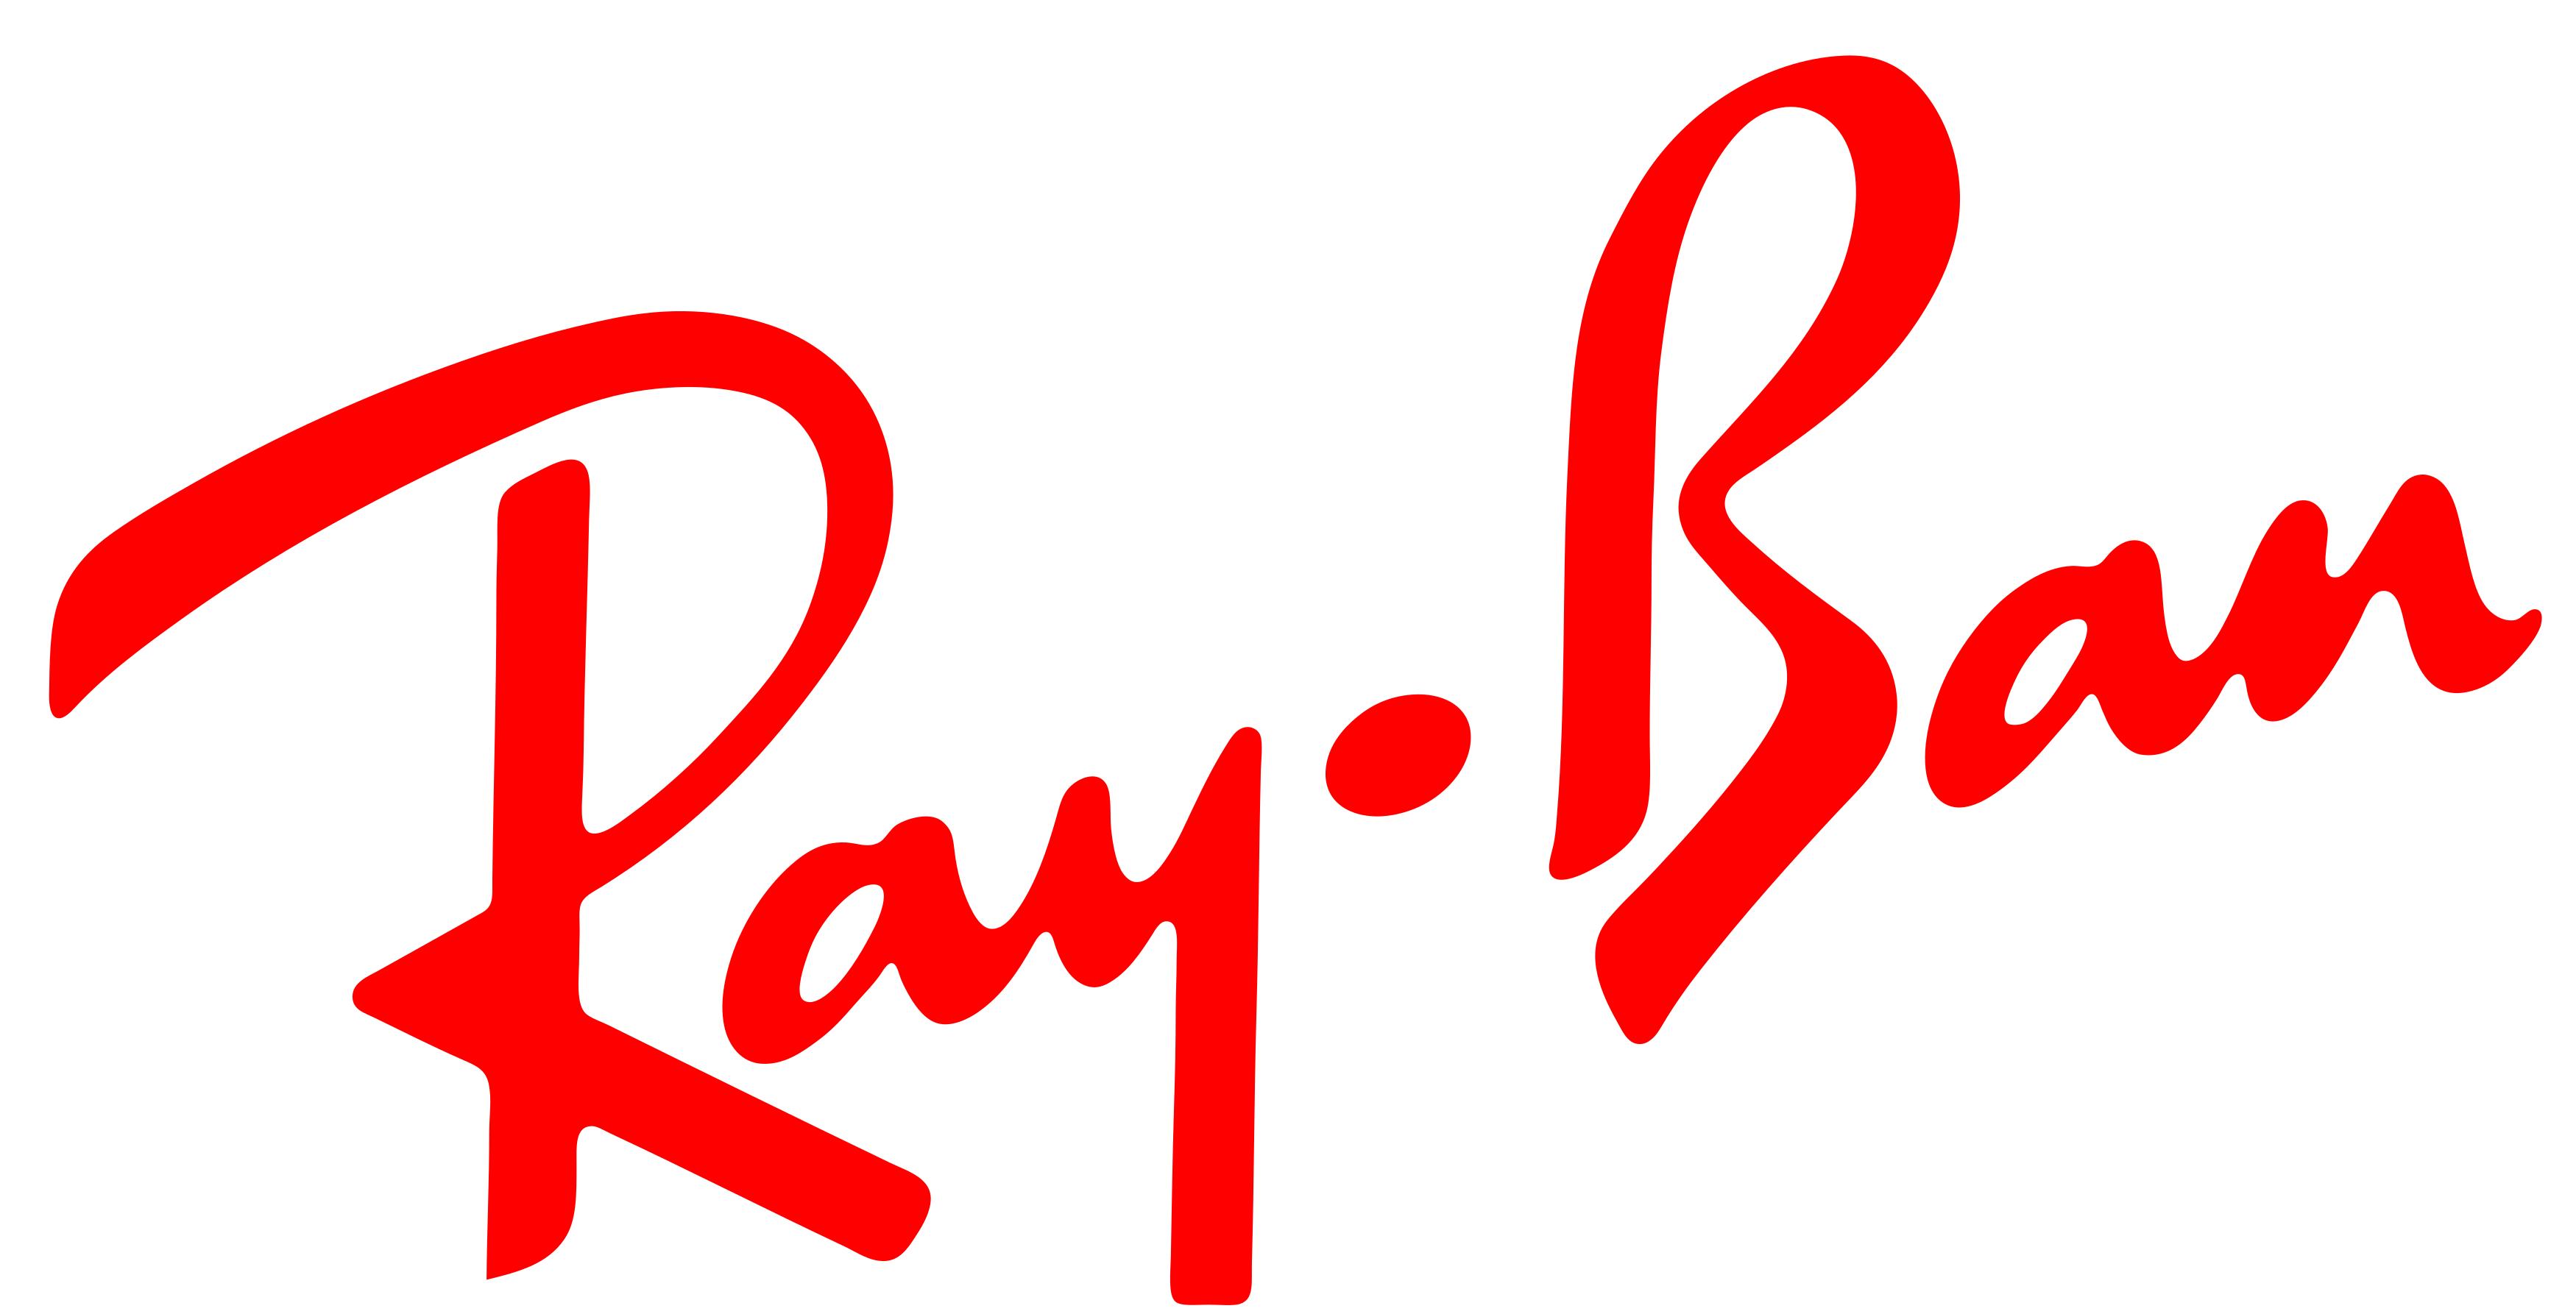 ray ban logo 1 - Ray-Ban Logo